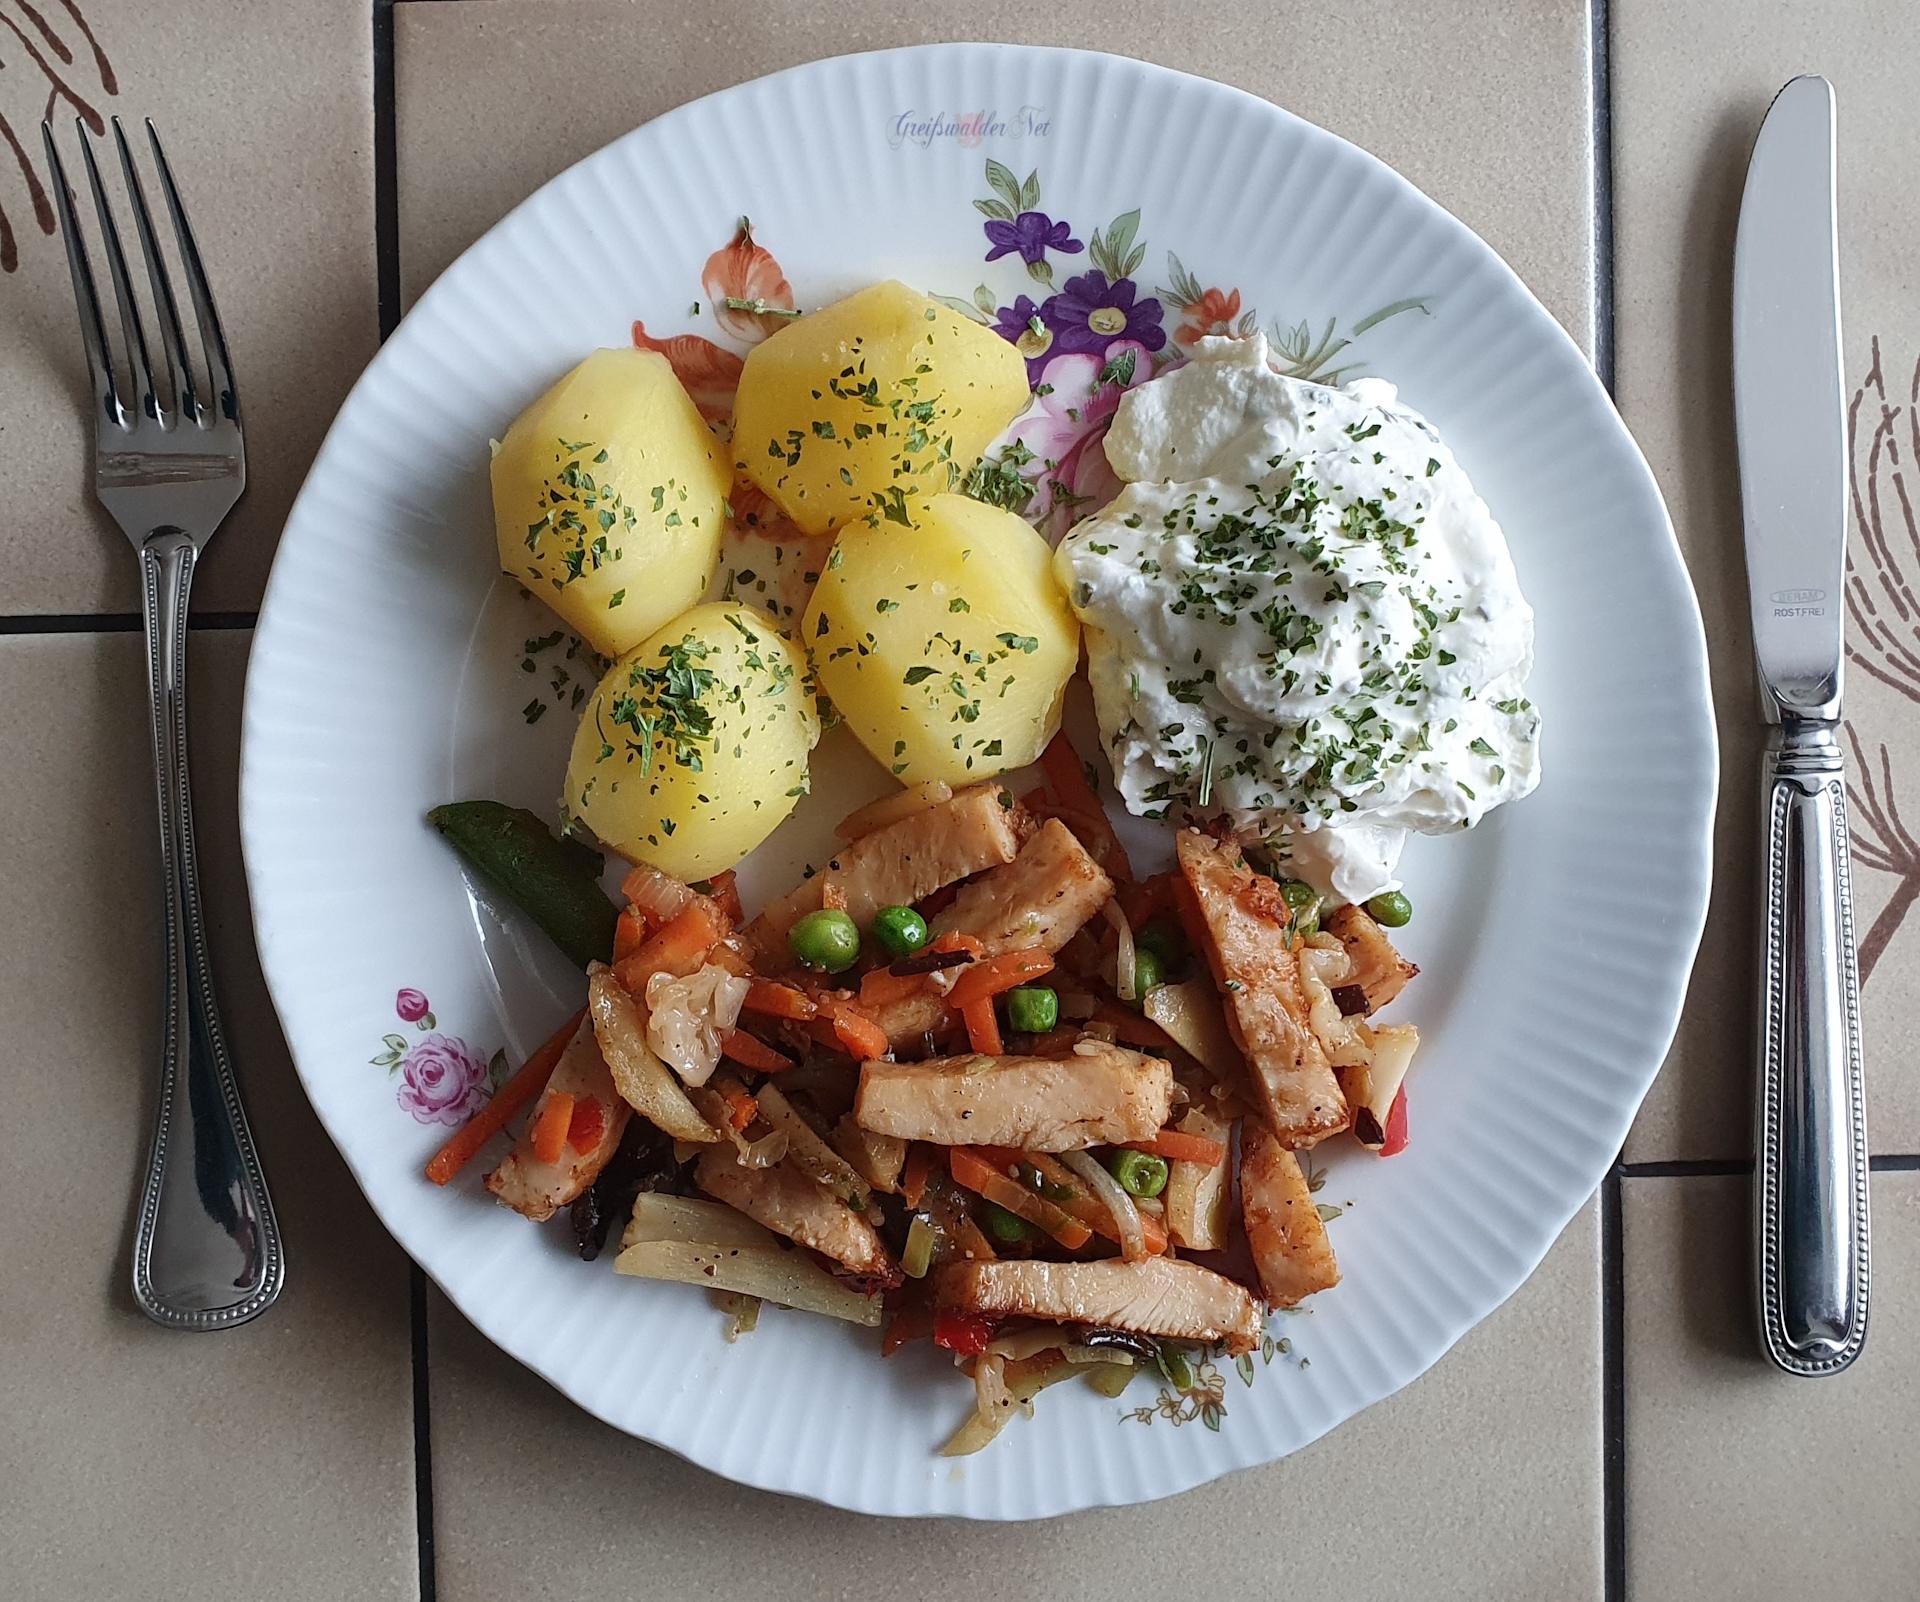 Hähnchen-Filetstreifen mit Wok-Gemüse, Kartoffeln und Kräuterquark